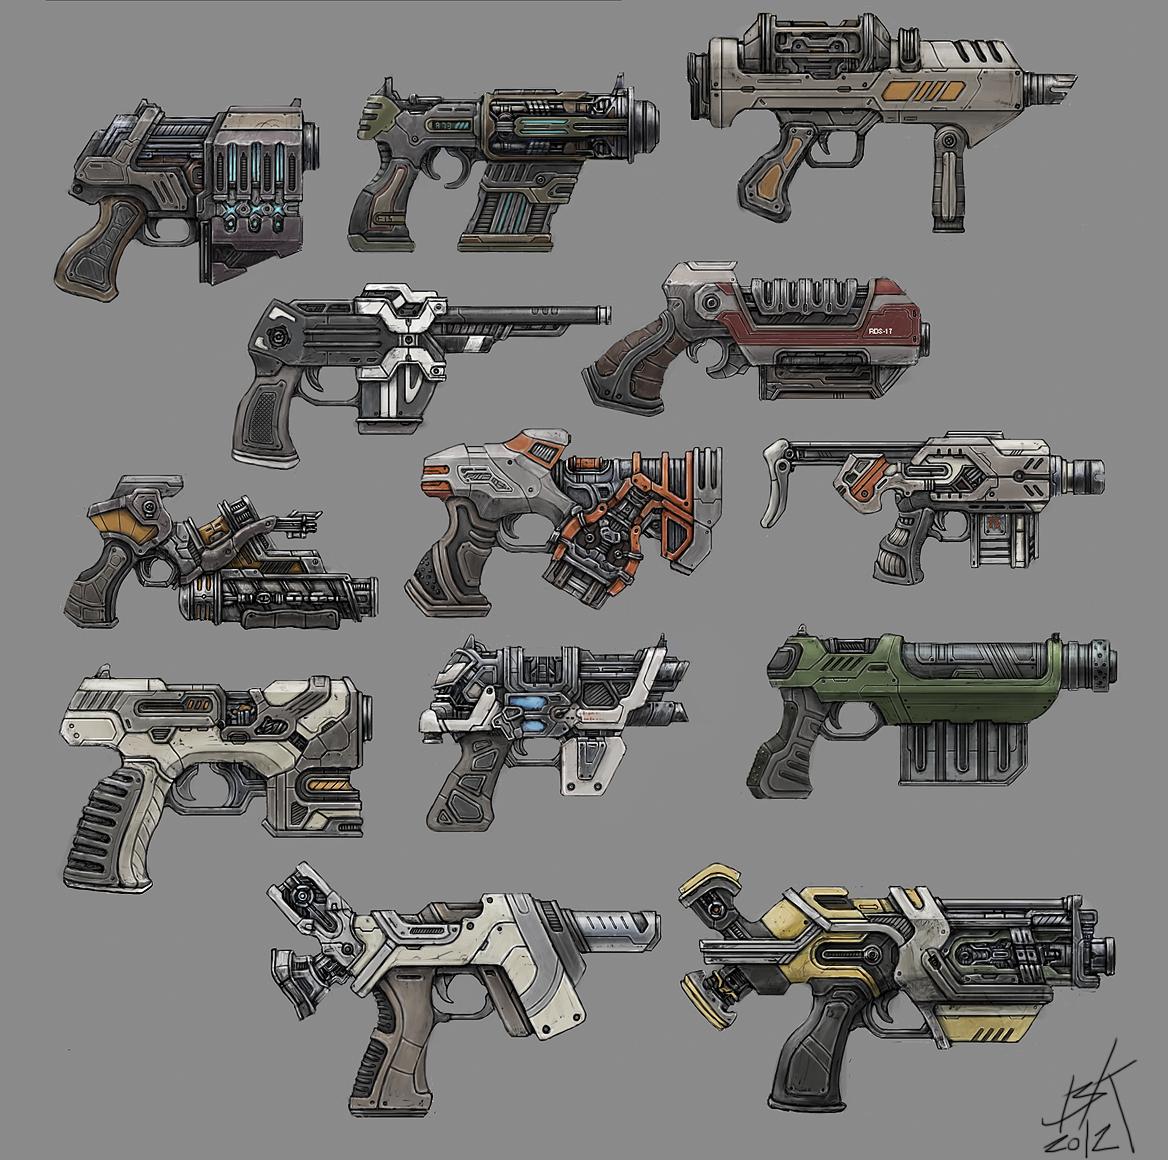 Blaisoid - Sci-fi gun concepts - More of Blaisoid concepts ...